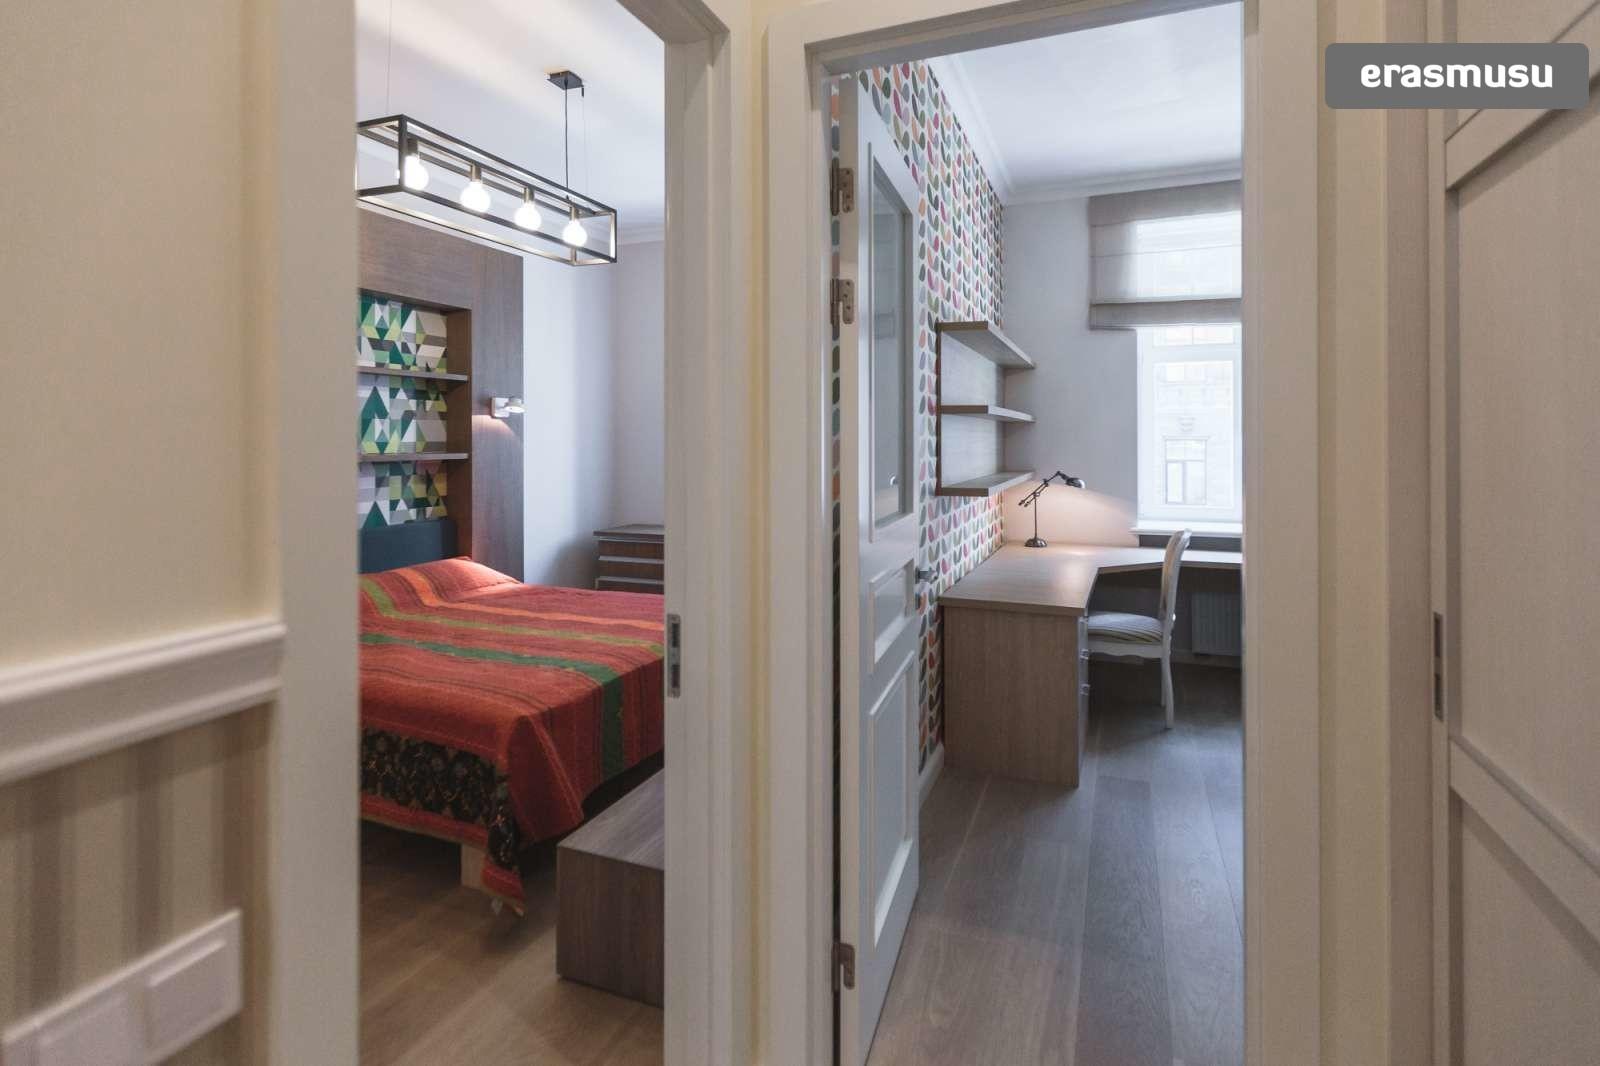 elegant-2-bedroom-partment-rent-centrs-22ec1112a49539b09784f17fc